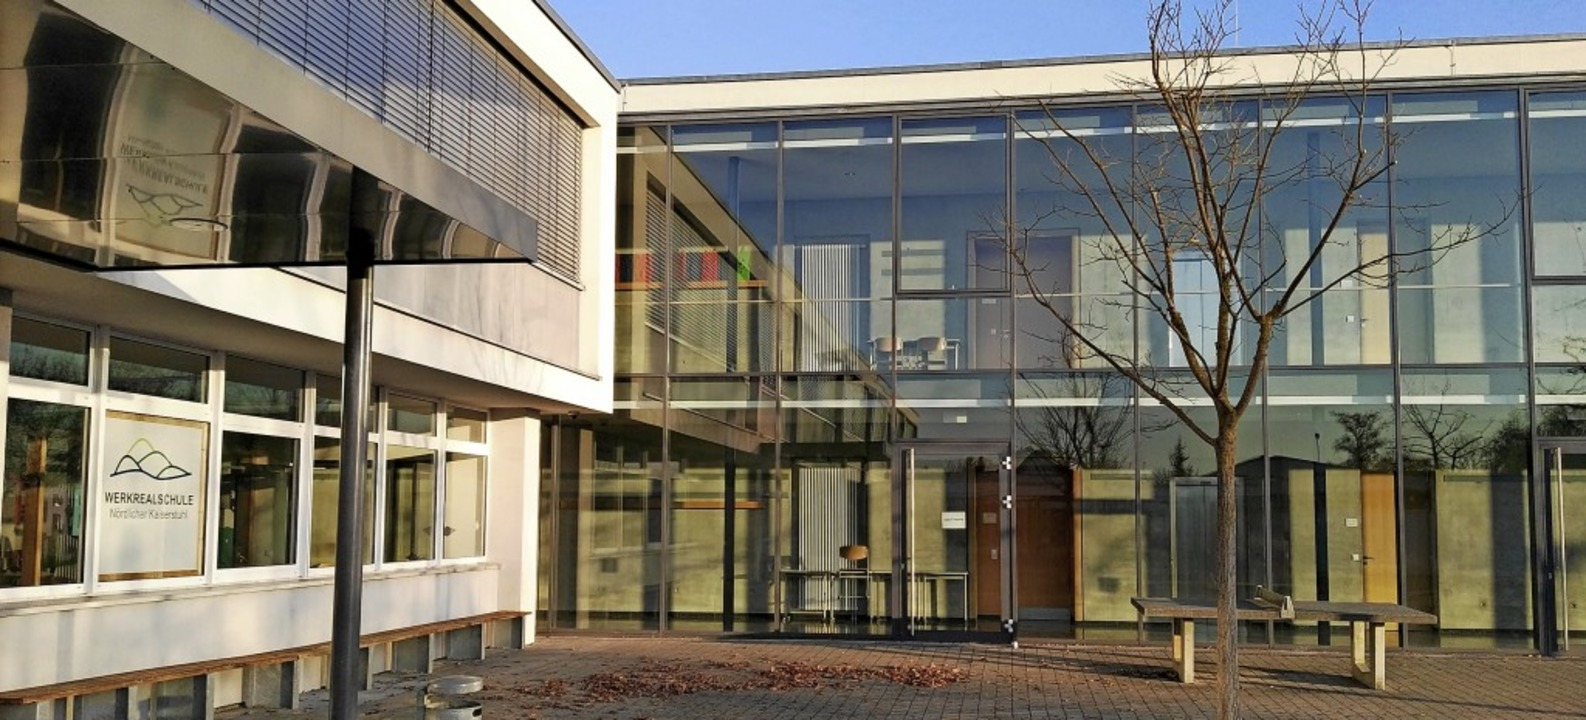 Die Werkrealschule Nördlicher Kaiserst...ldungsangebot in der Region bleiben.      Foto: Martin Wendel